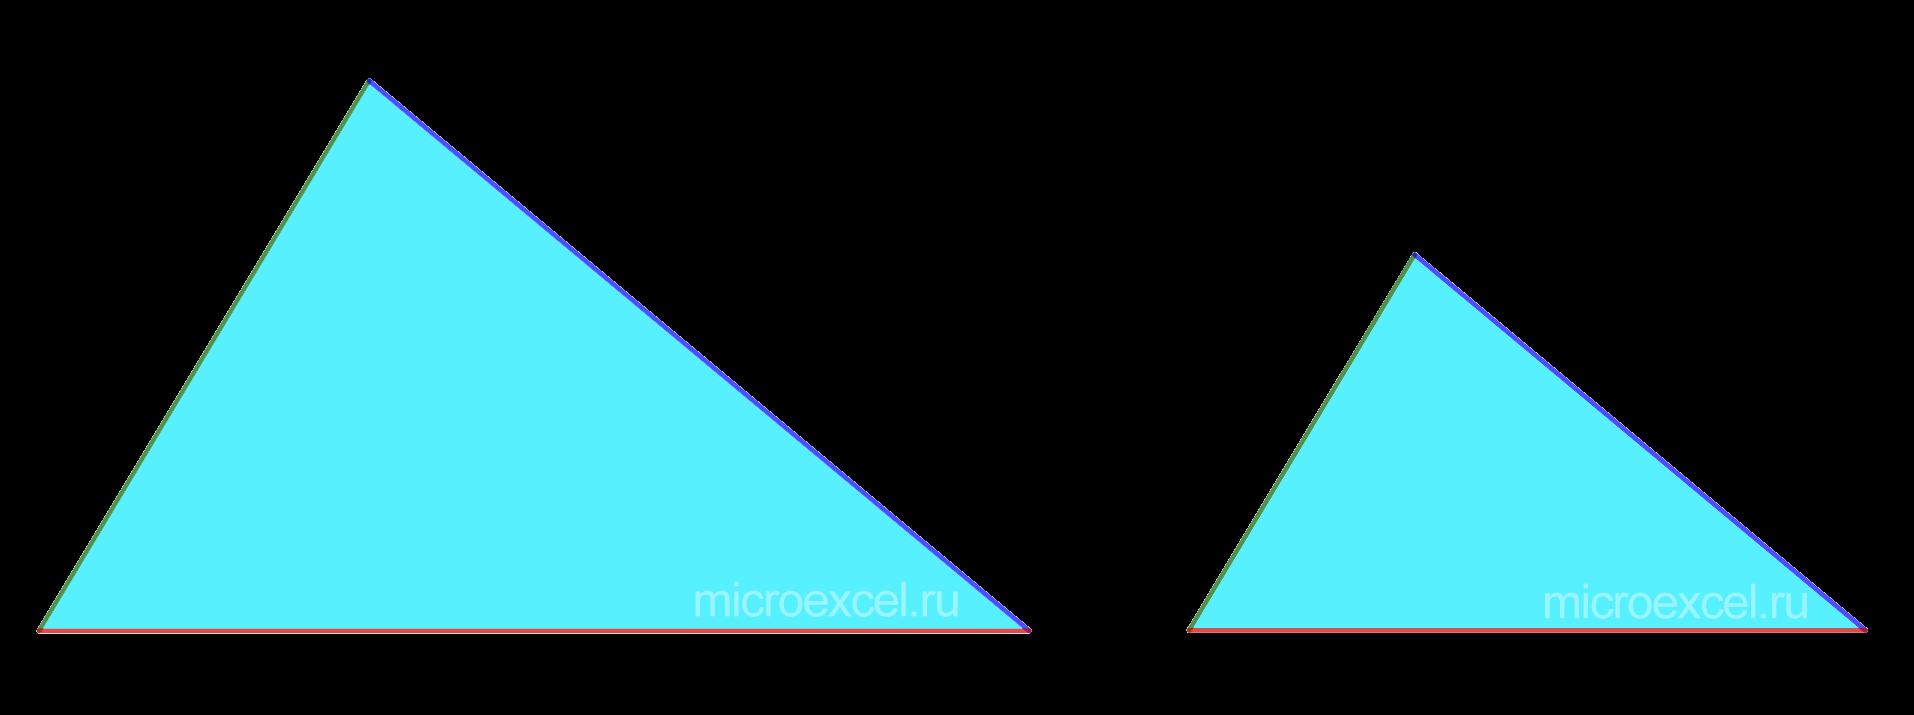 Подобные треугольники по трем пропорциональным сторонам